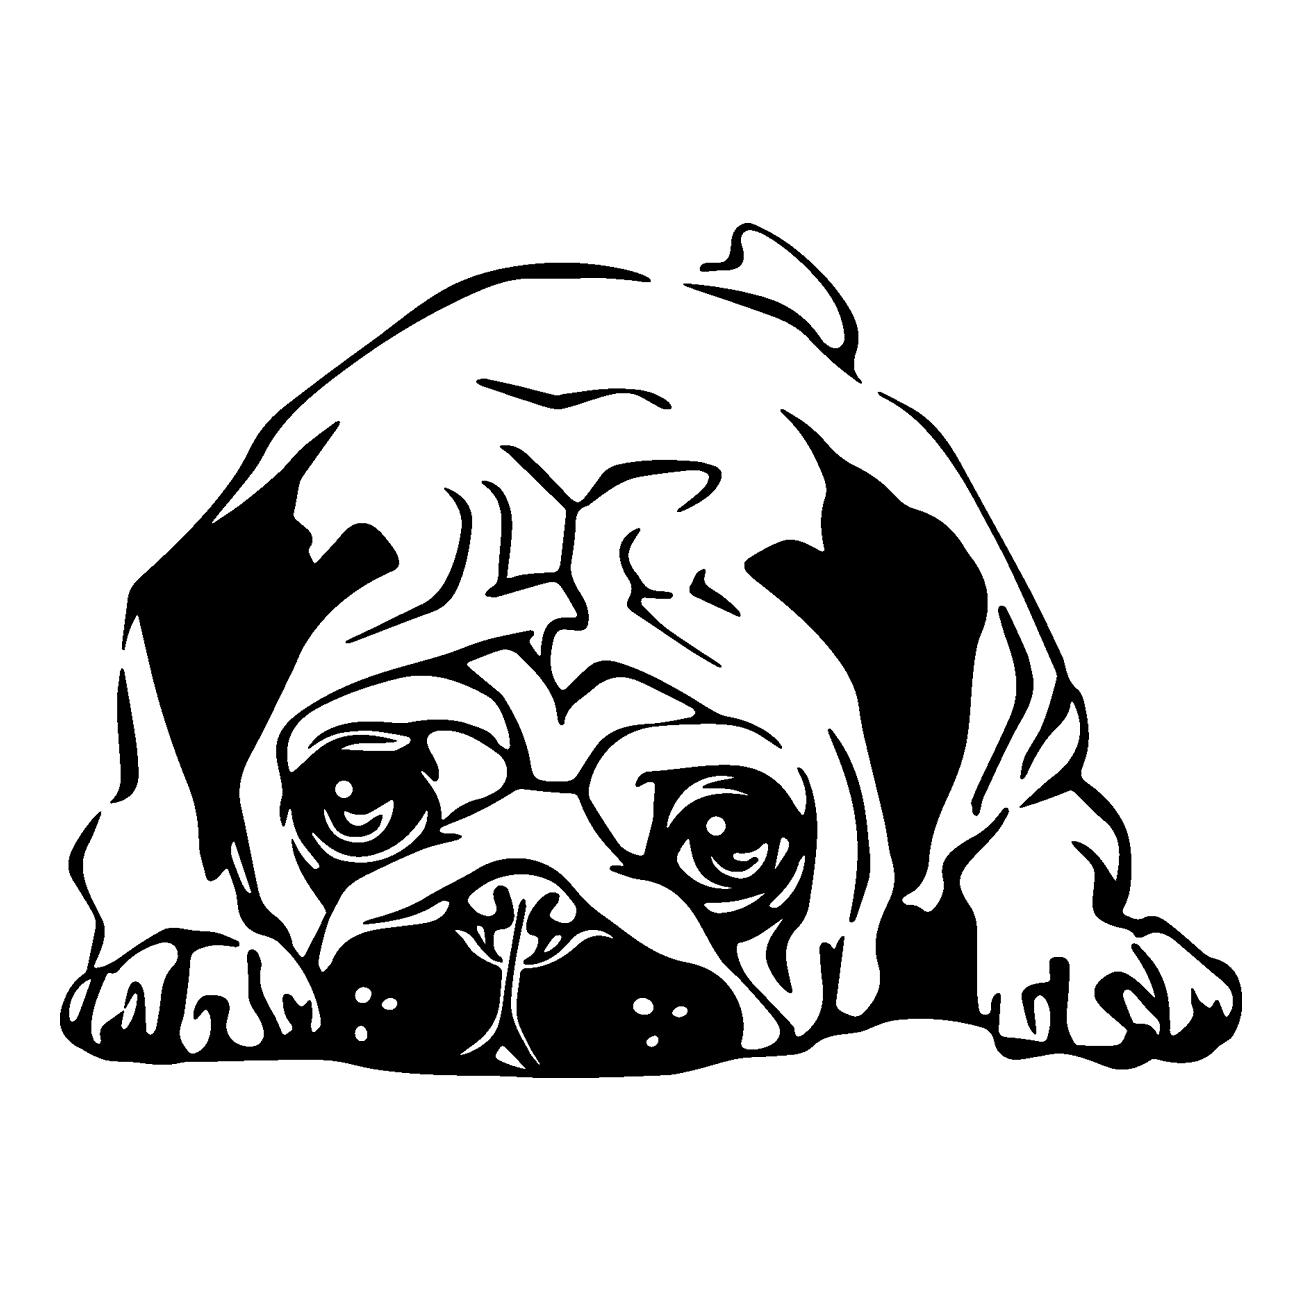 jpg black and white stock Vinilo Bulldog Cachorro